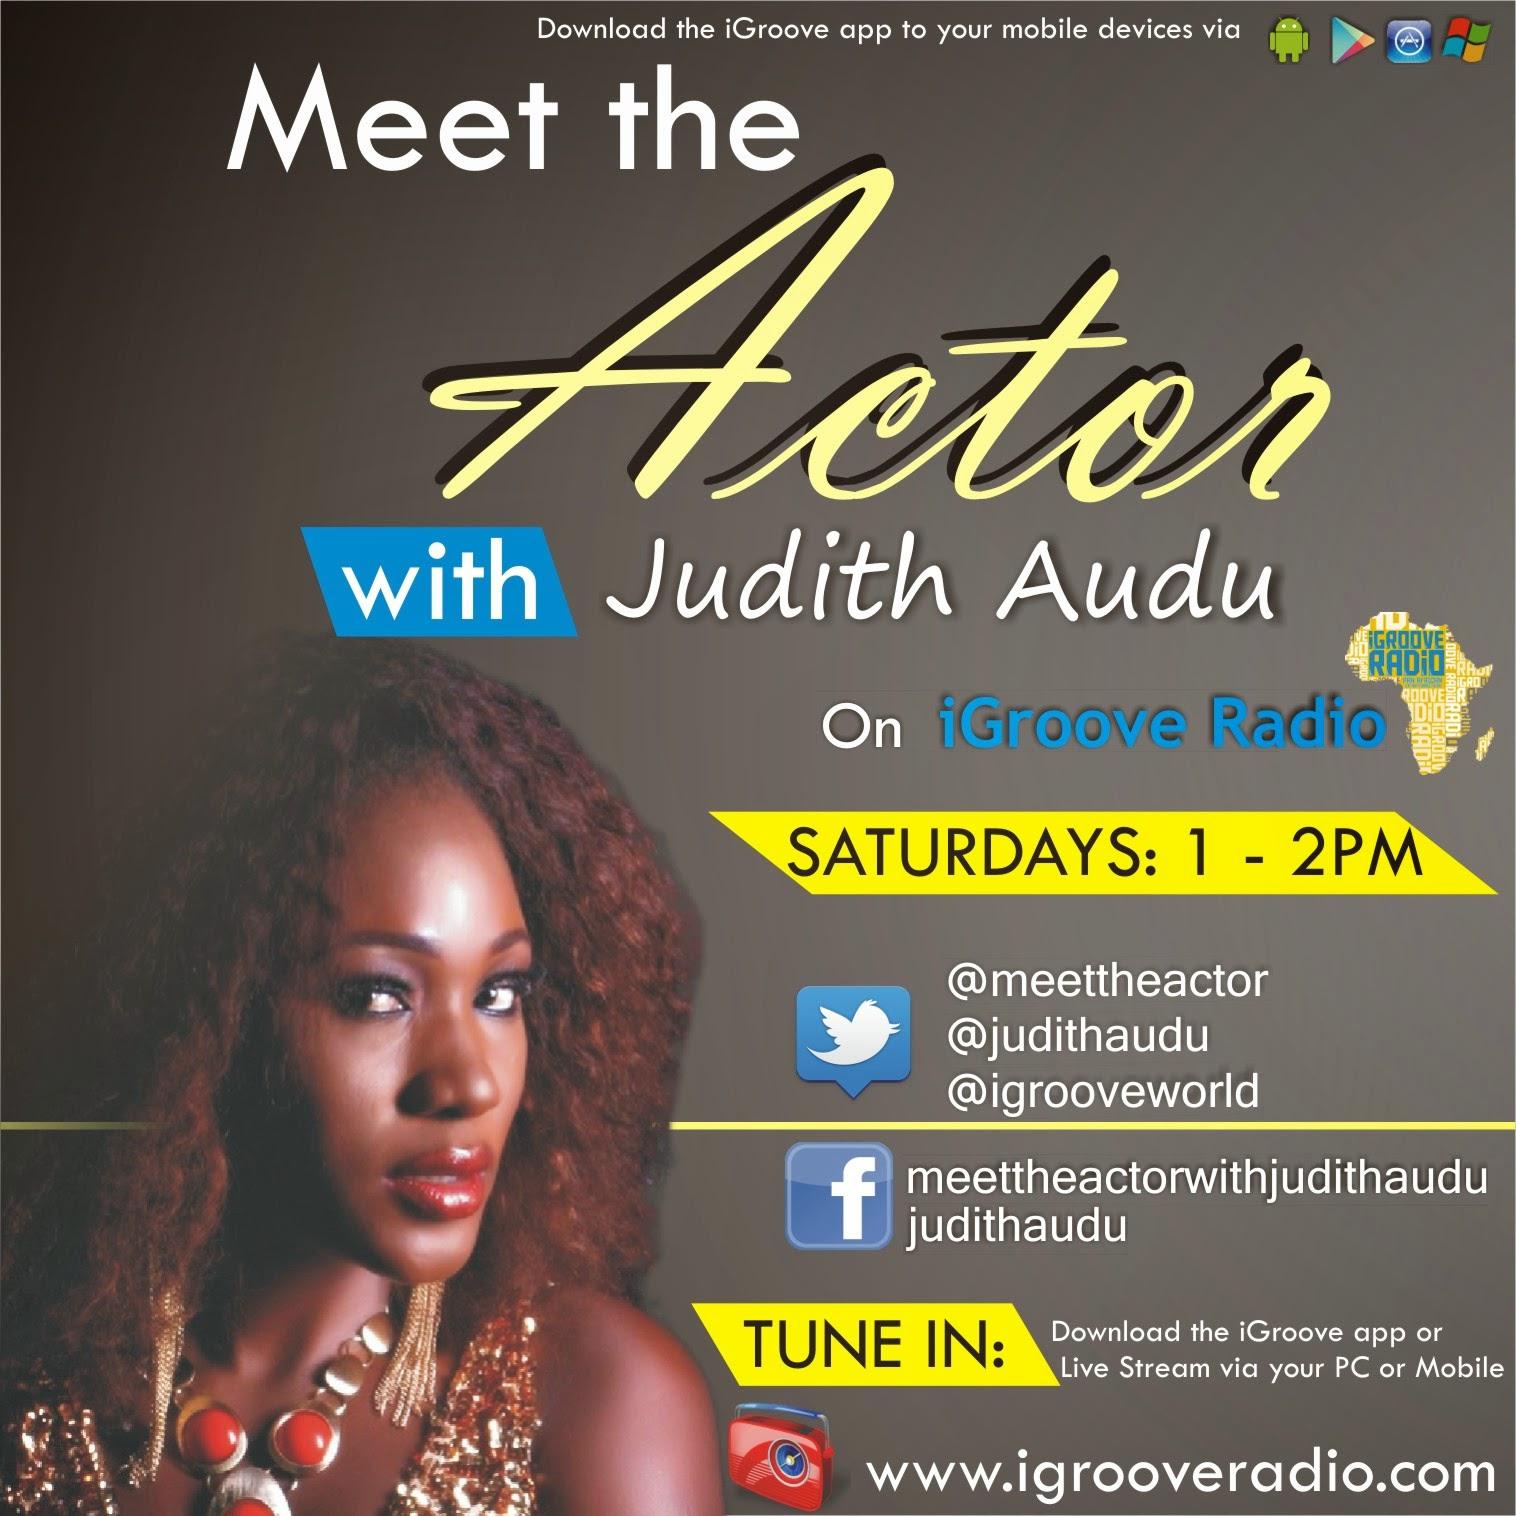 MEET the ACTOR with Judith Audu